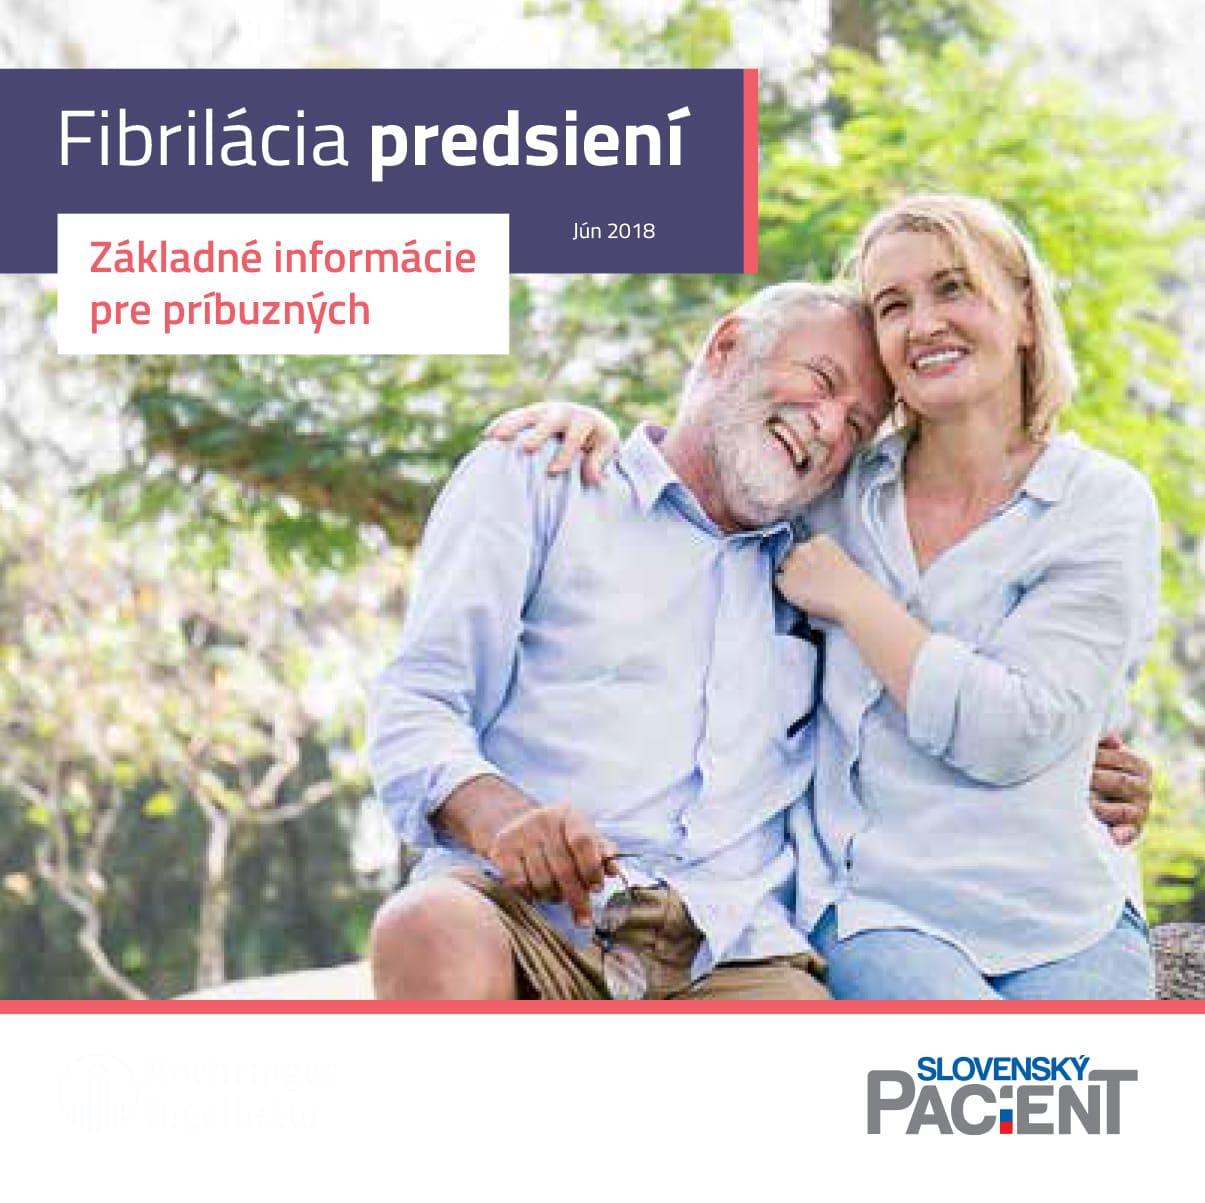 fibrilácia predsiení